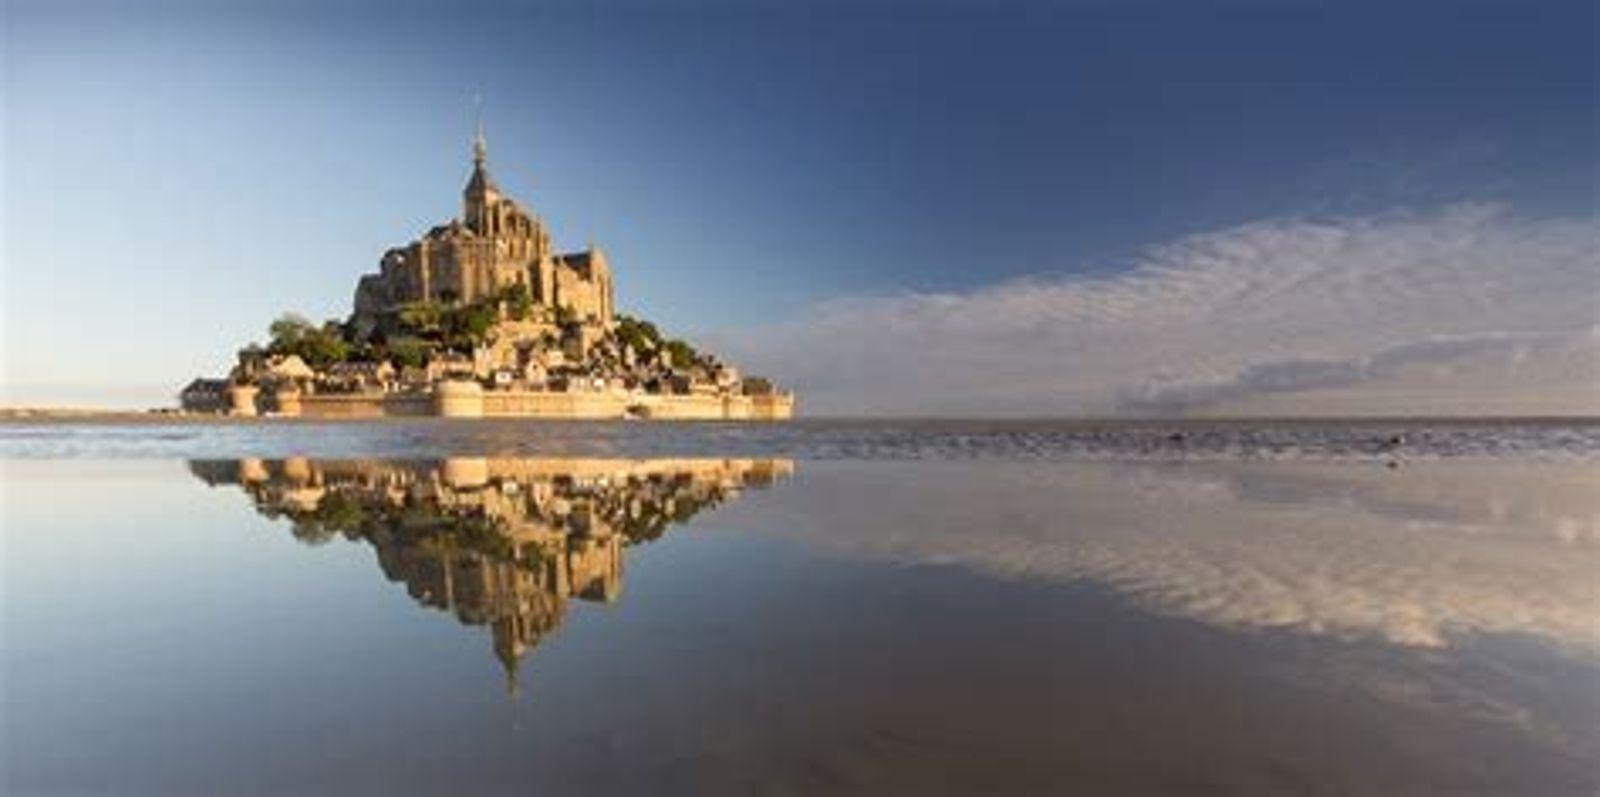 Survol du Mont Saint-Michel, joyau médiéval cerné par la mer